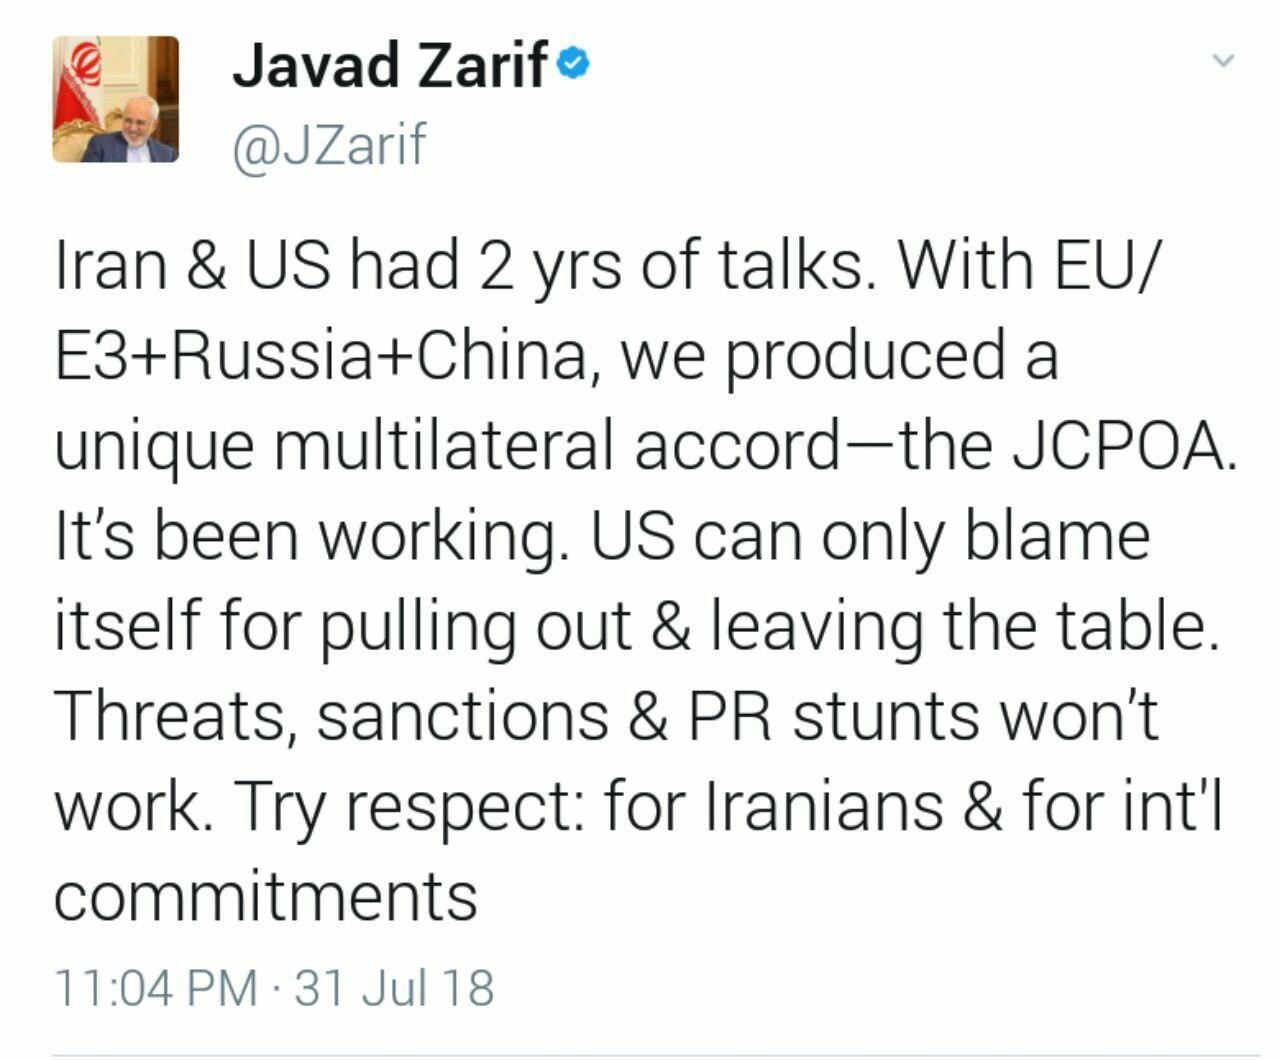 ظریف: تهدید، تحریم و تردستیهای تبلیغاتی علیه ایران موثر نیستند